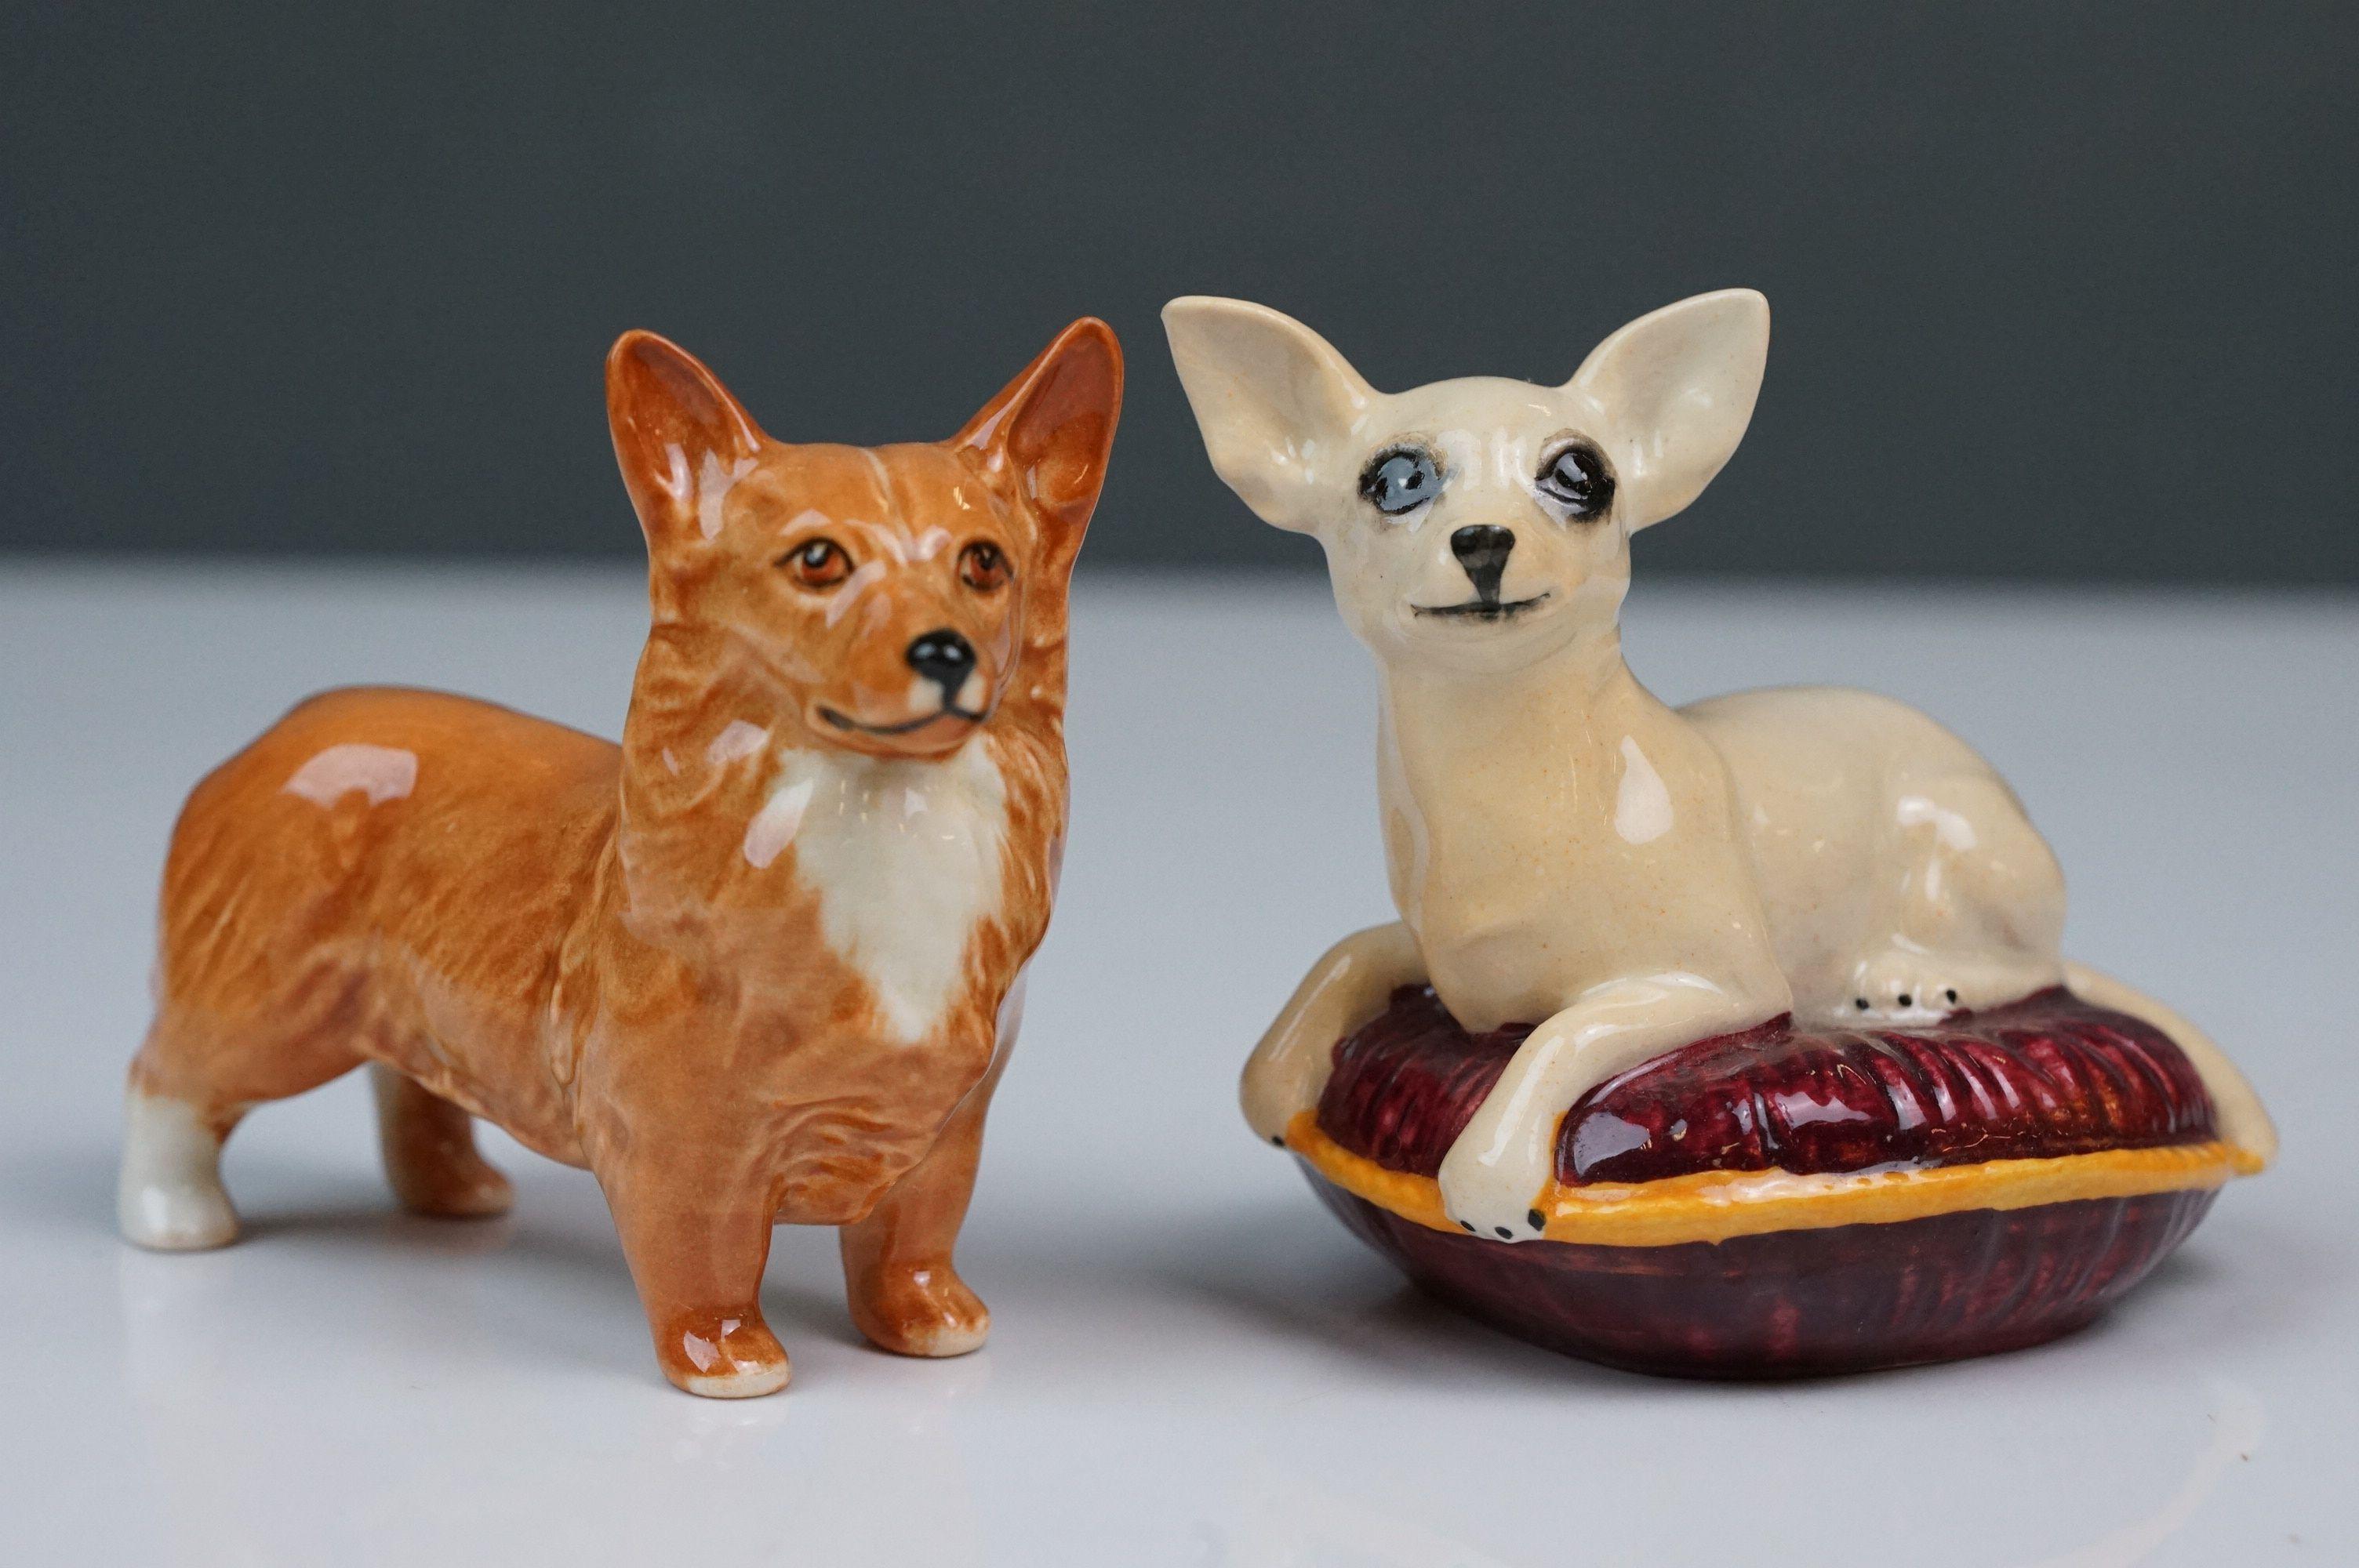 Six Beswick dogs: Bulldog Bosun small, model no. 1731; Corgi small, model no. 1736; Collie small, - Image 6 of 12